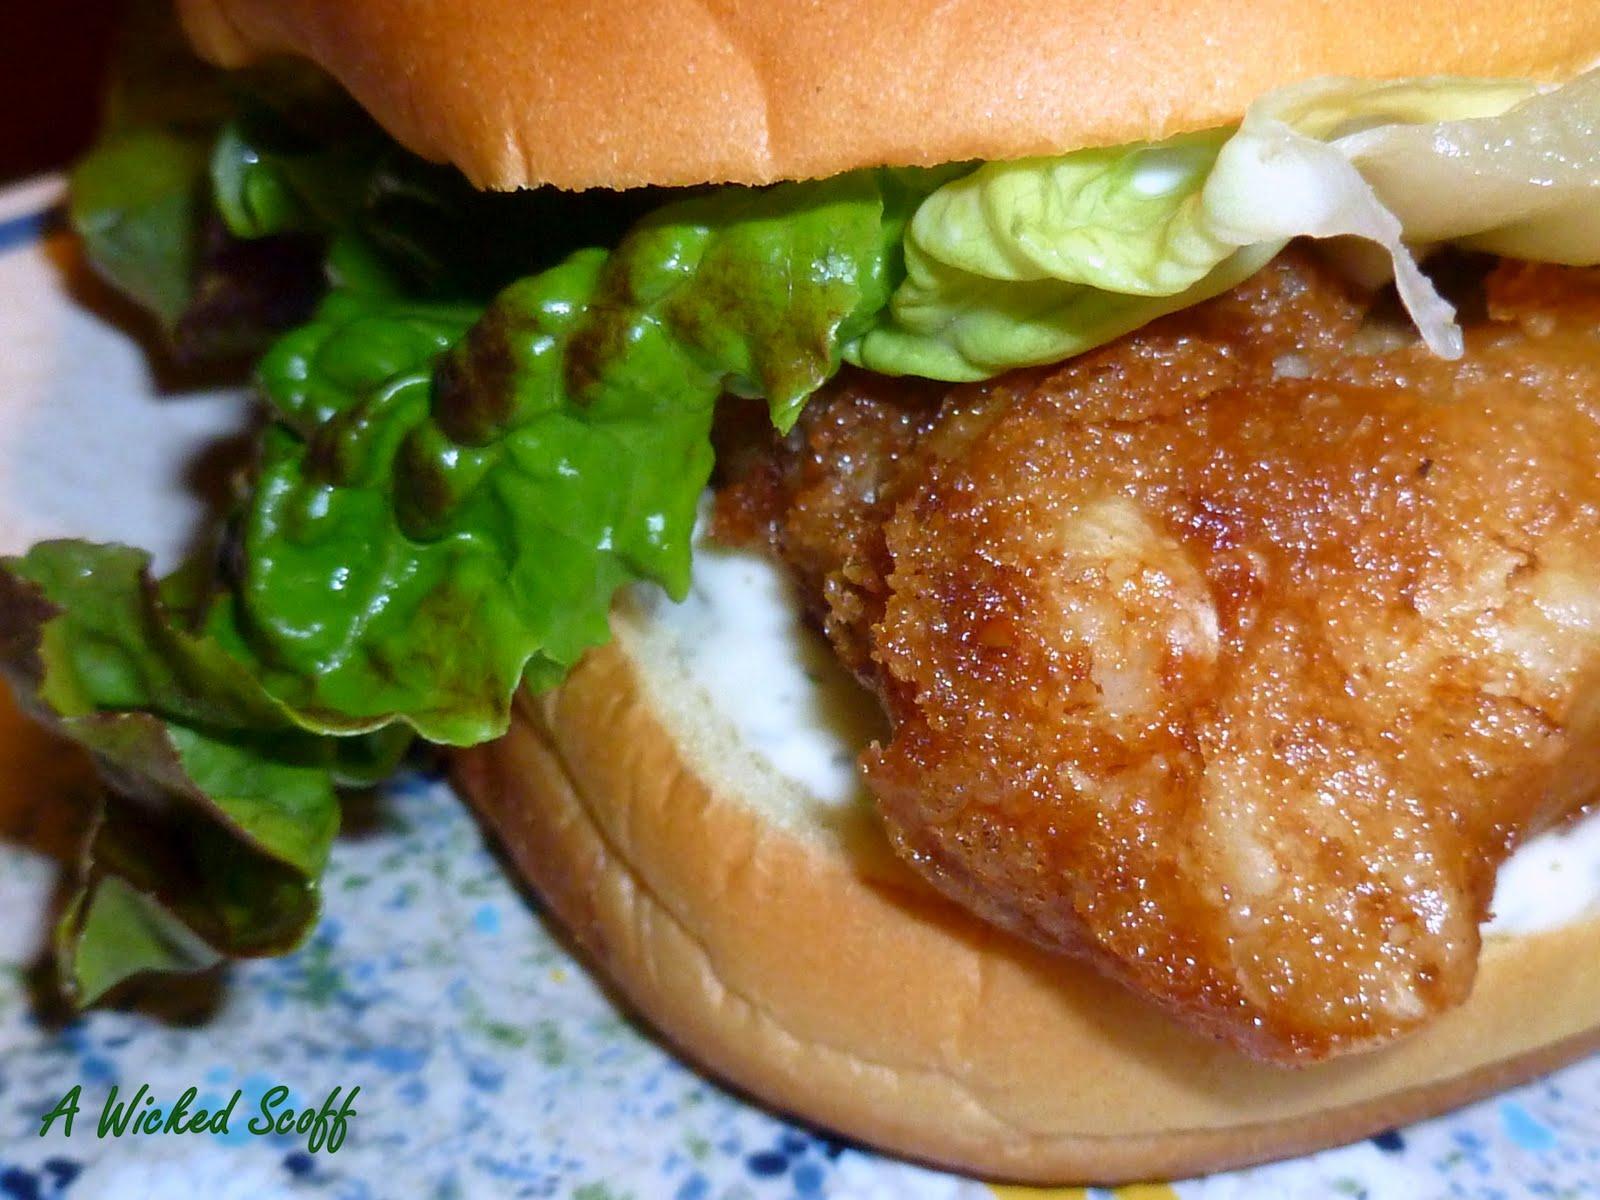 http://1.bp.blogspot.com/-44AX6Uoa6Co/TefjpkrVYsI/AAAAAAAAA9c/RXjeoHJ-X9A/s1600/fish+sandwich+II.jpg